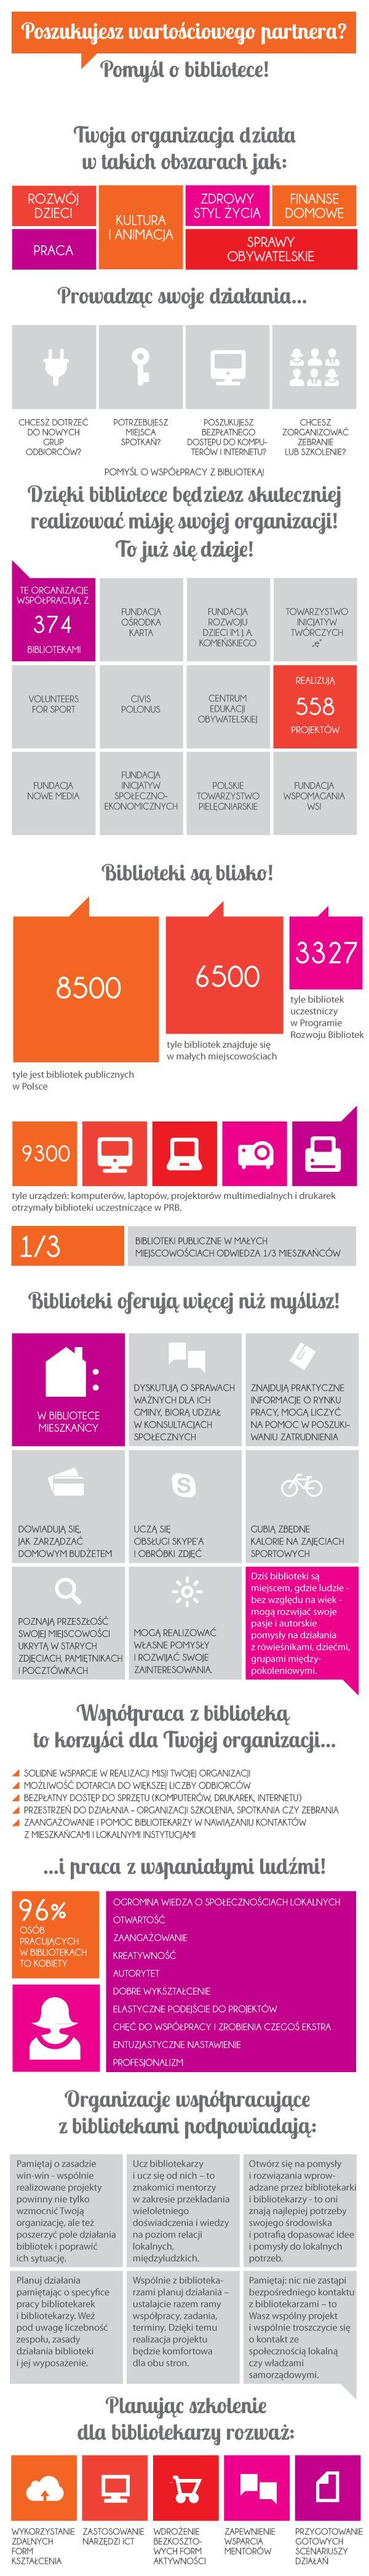 Infografika / współpraca bibliotek z NGO